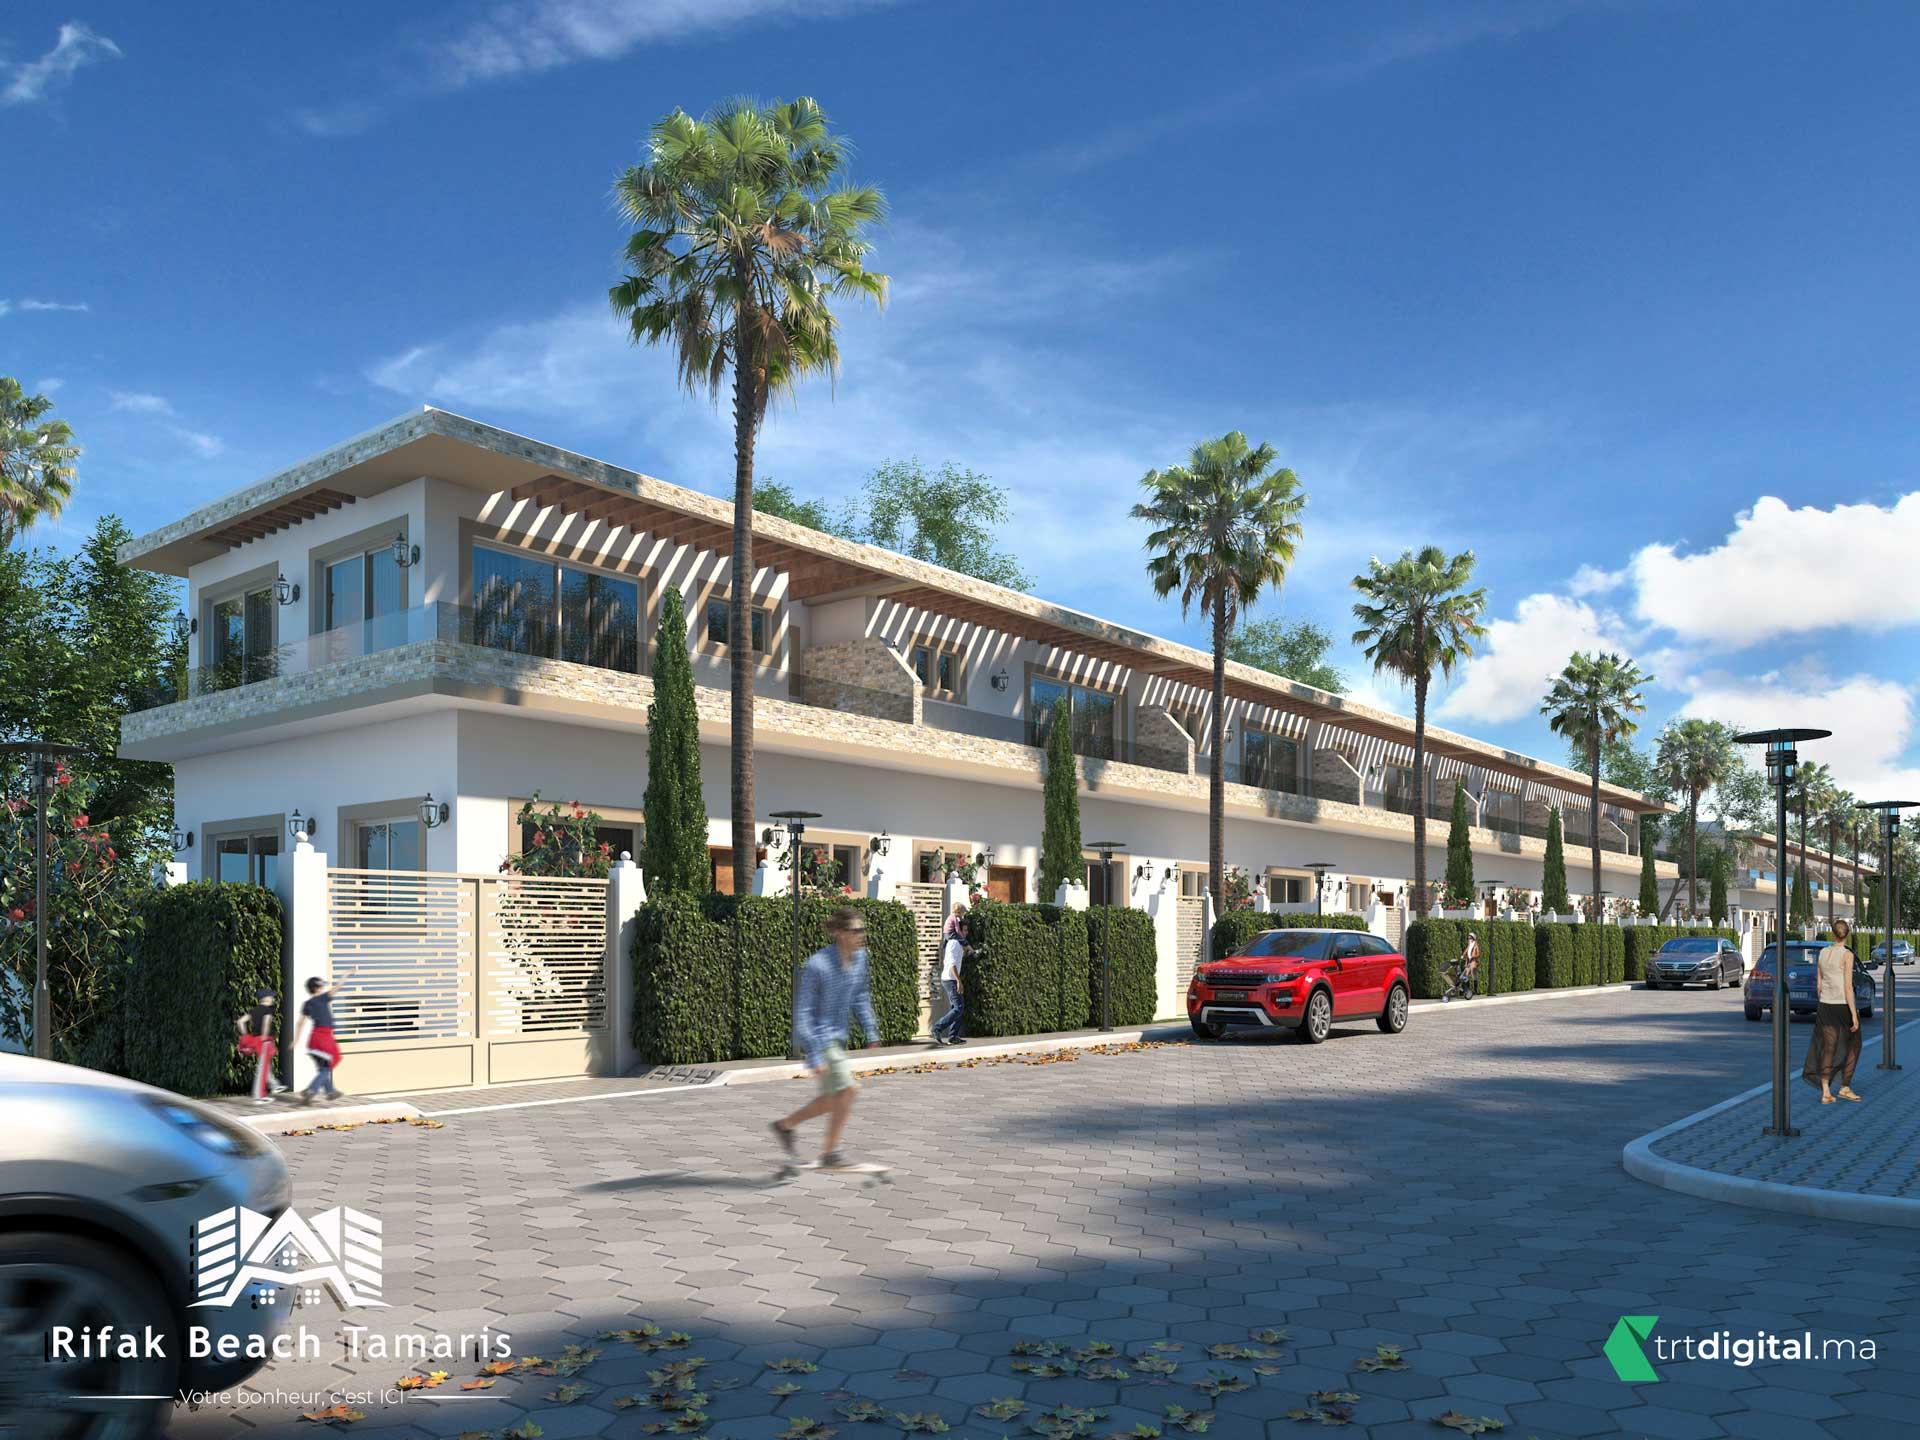 iCom-Agence-de-Communication-au-Maroc-Casablanca-creation-photo-archetecture-interieur-exterieur-3d2020-05-24 at 4.31.04 PM 4